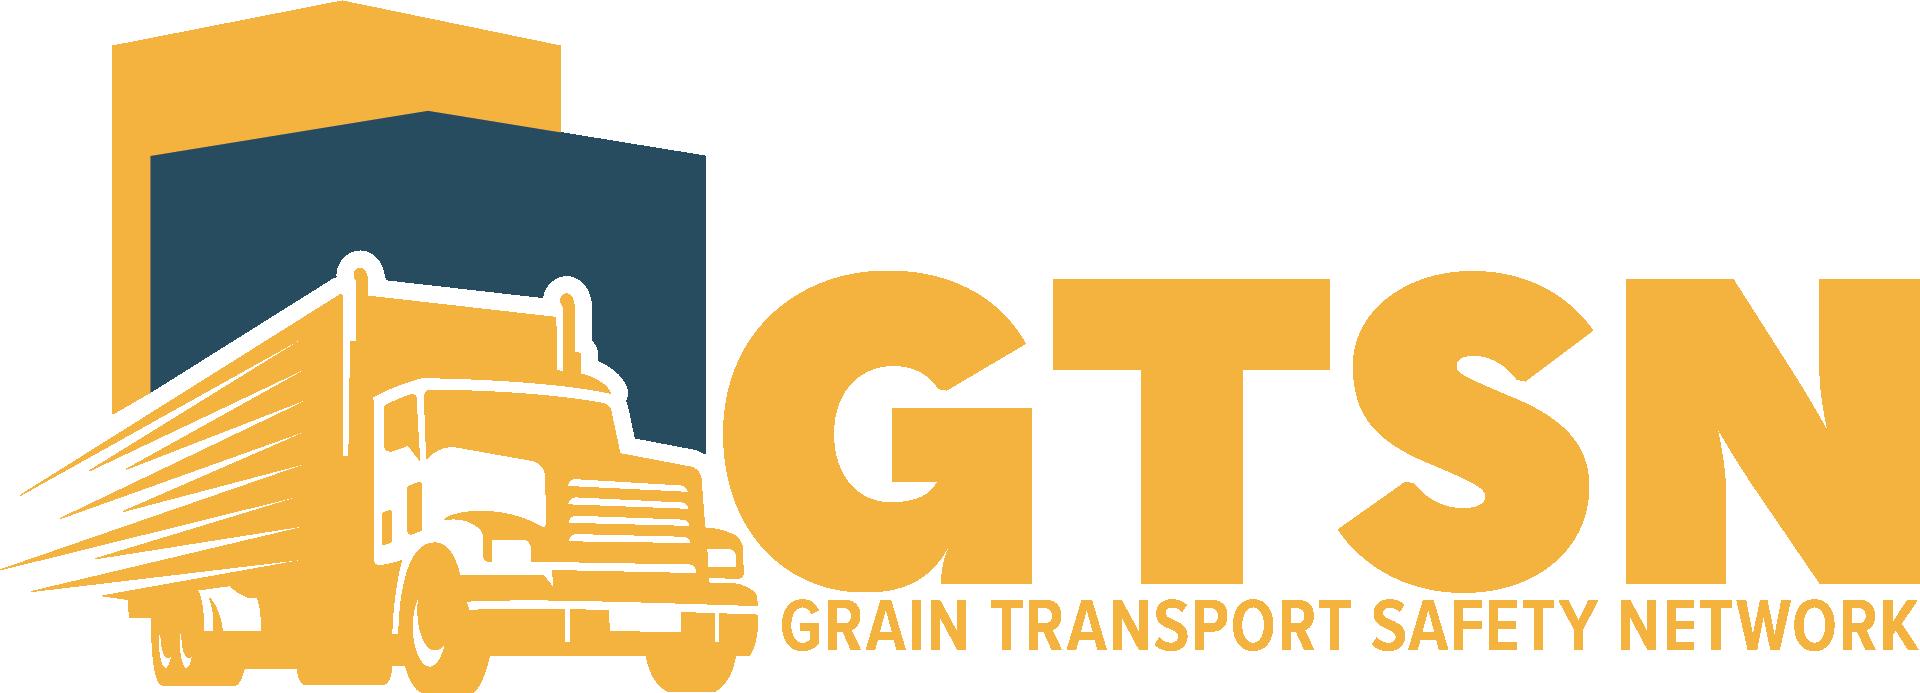 Transport safety network an. Grains clipart grain truck